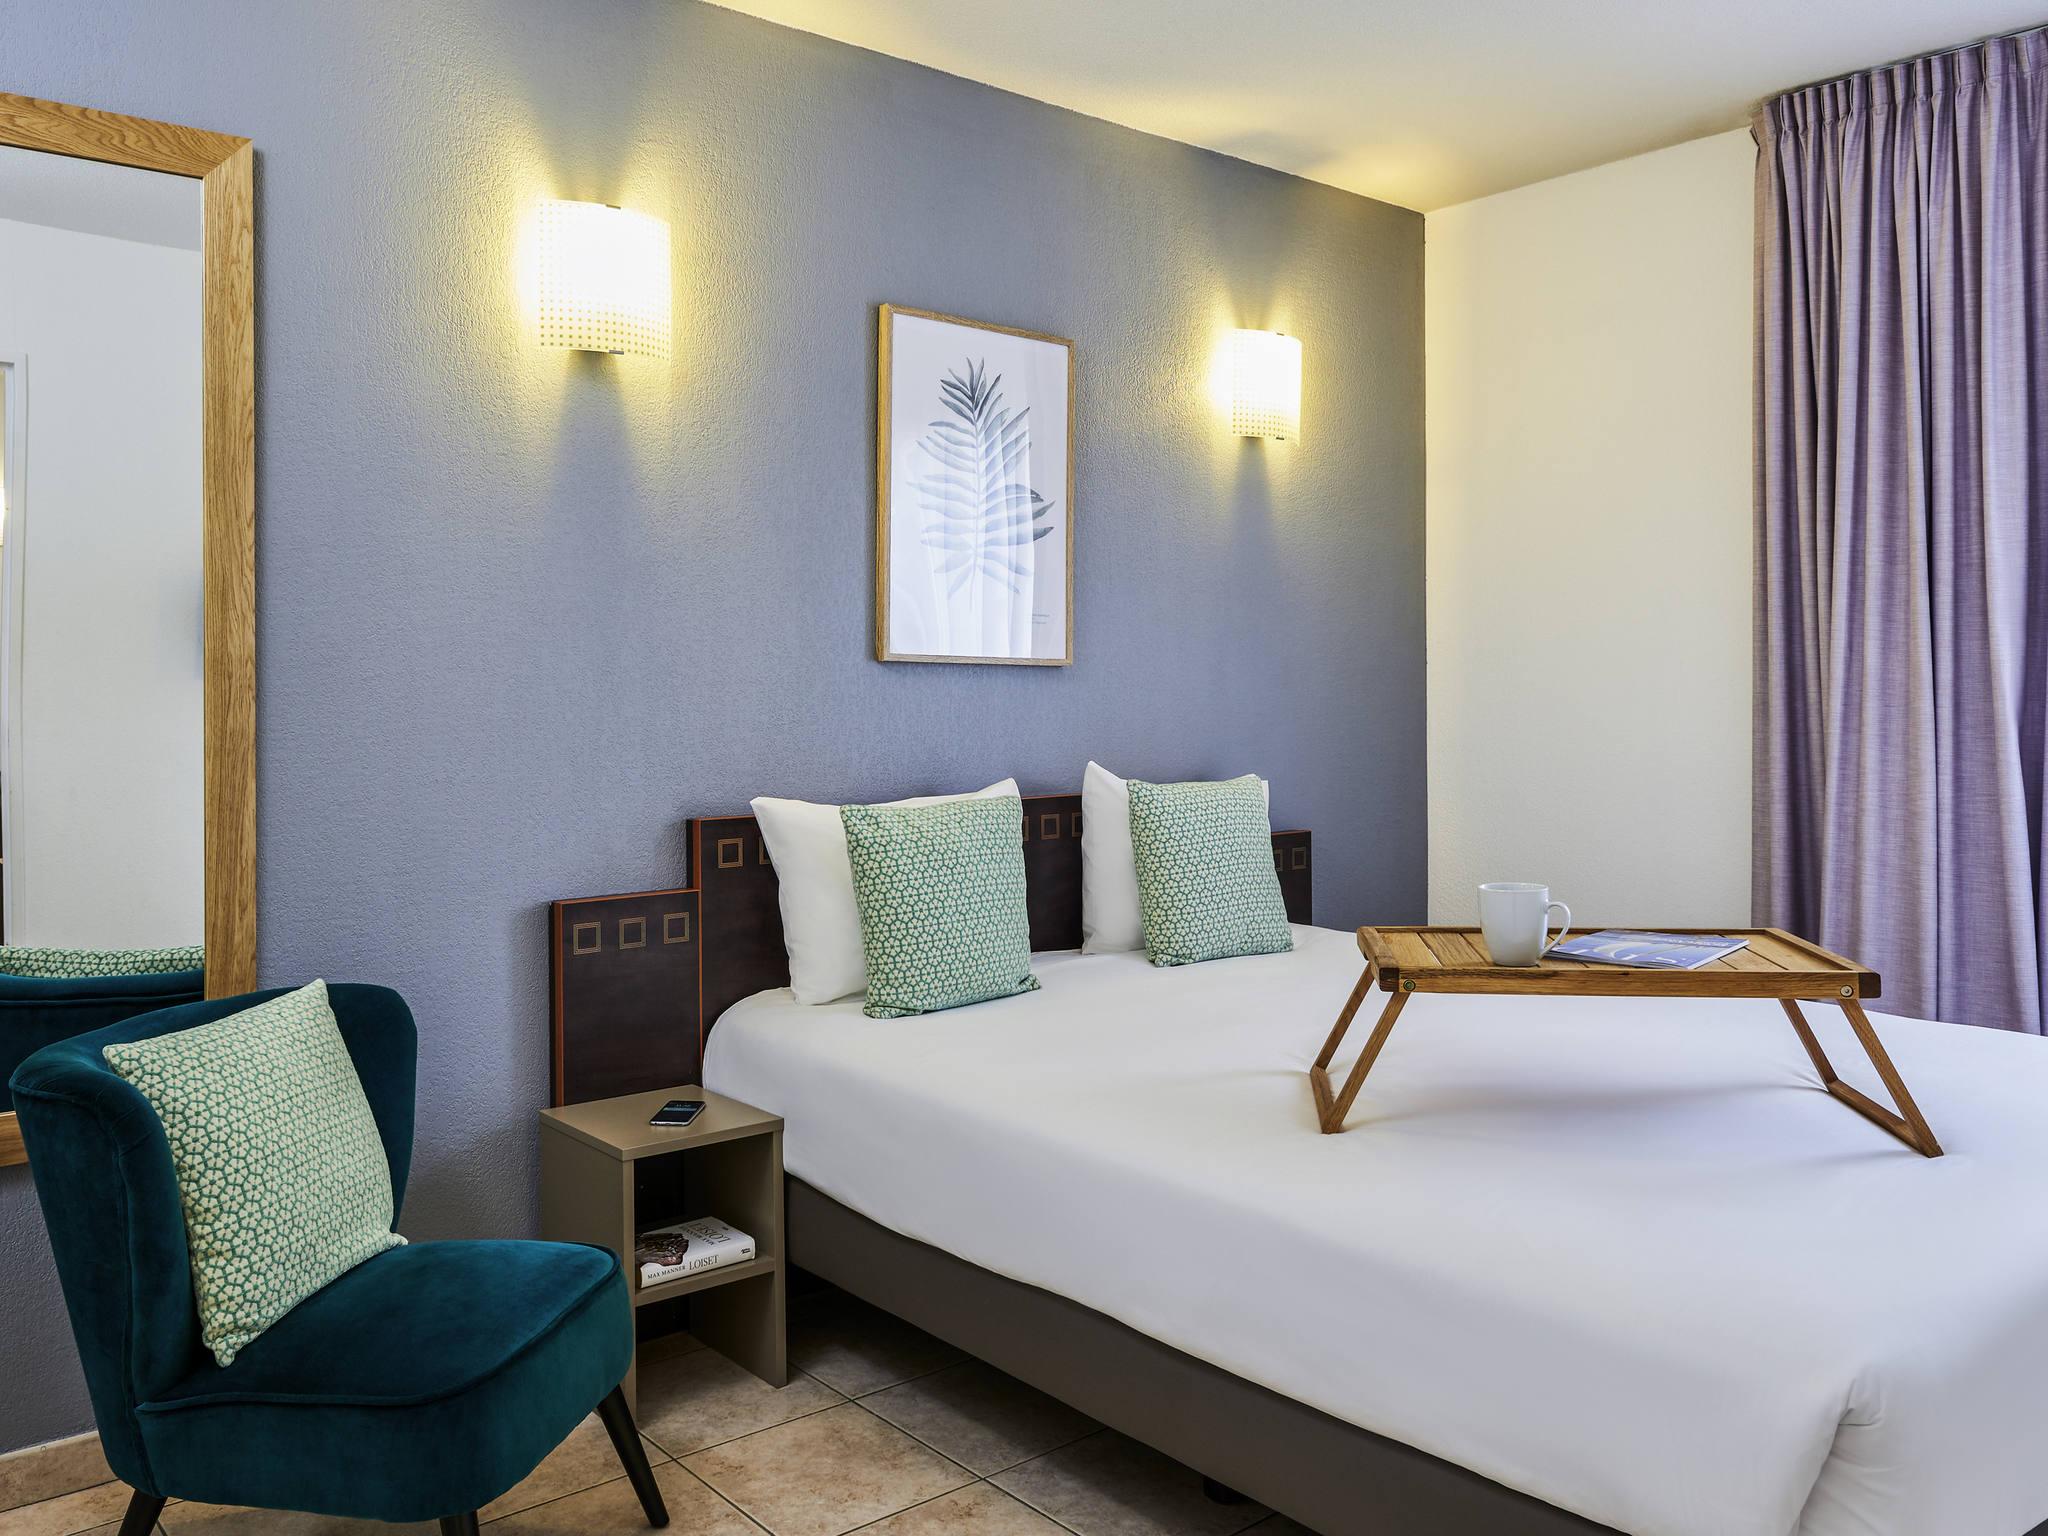 ホテル – アダジオアクセスニースアクロポリス